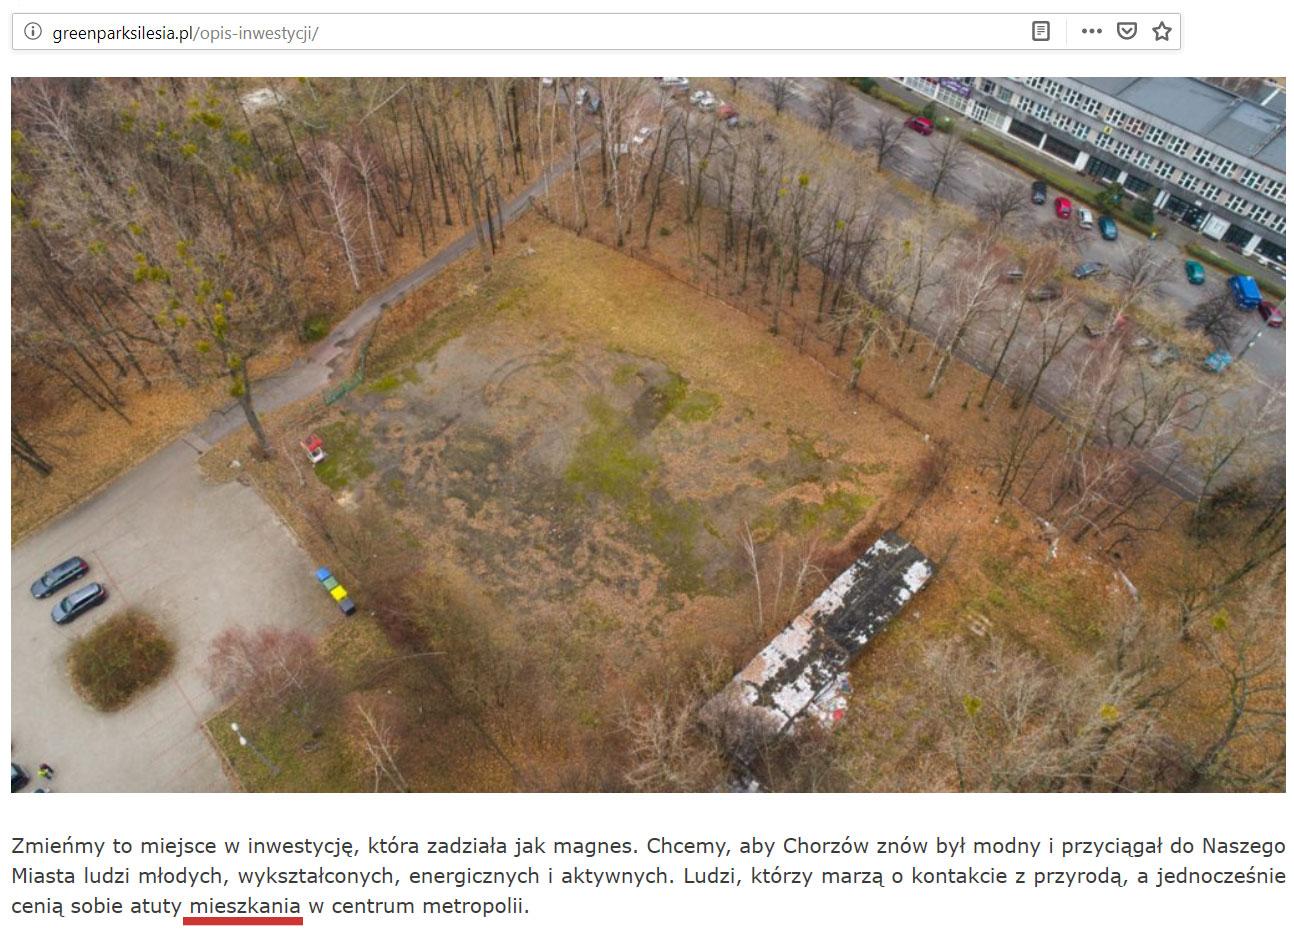 Zrzut ekranu strony Green Park Silesia, fragment opisu inwestycji; źródło: http://greenparksilesia.pl/opis-inwestycji/